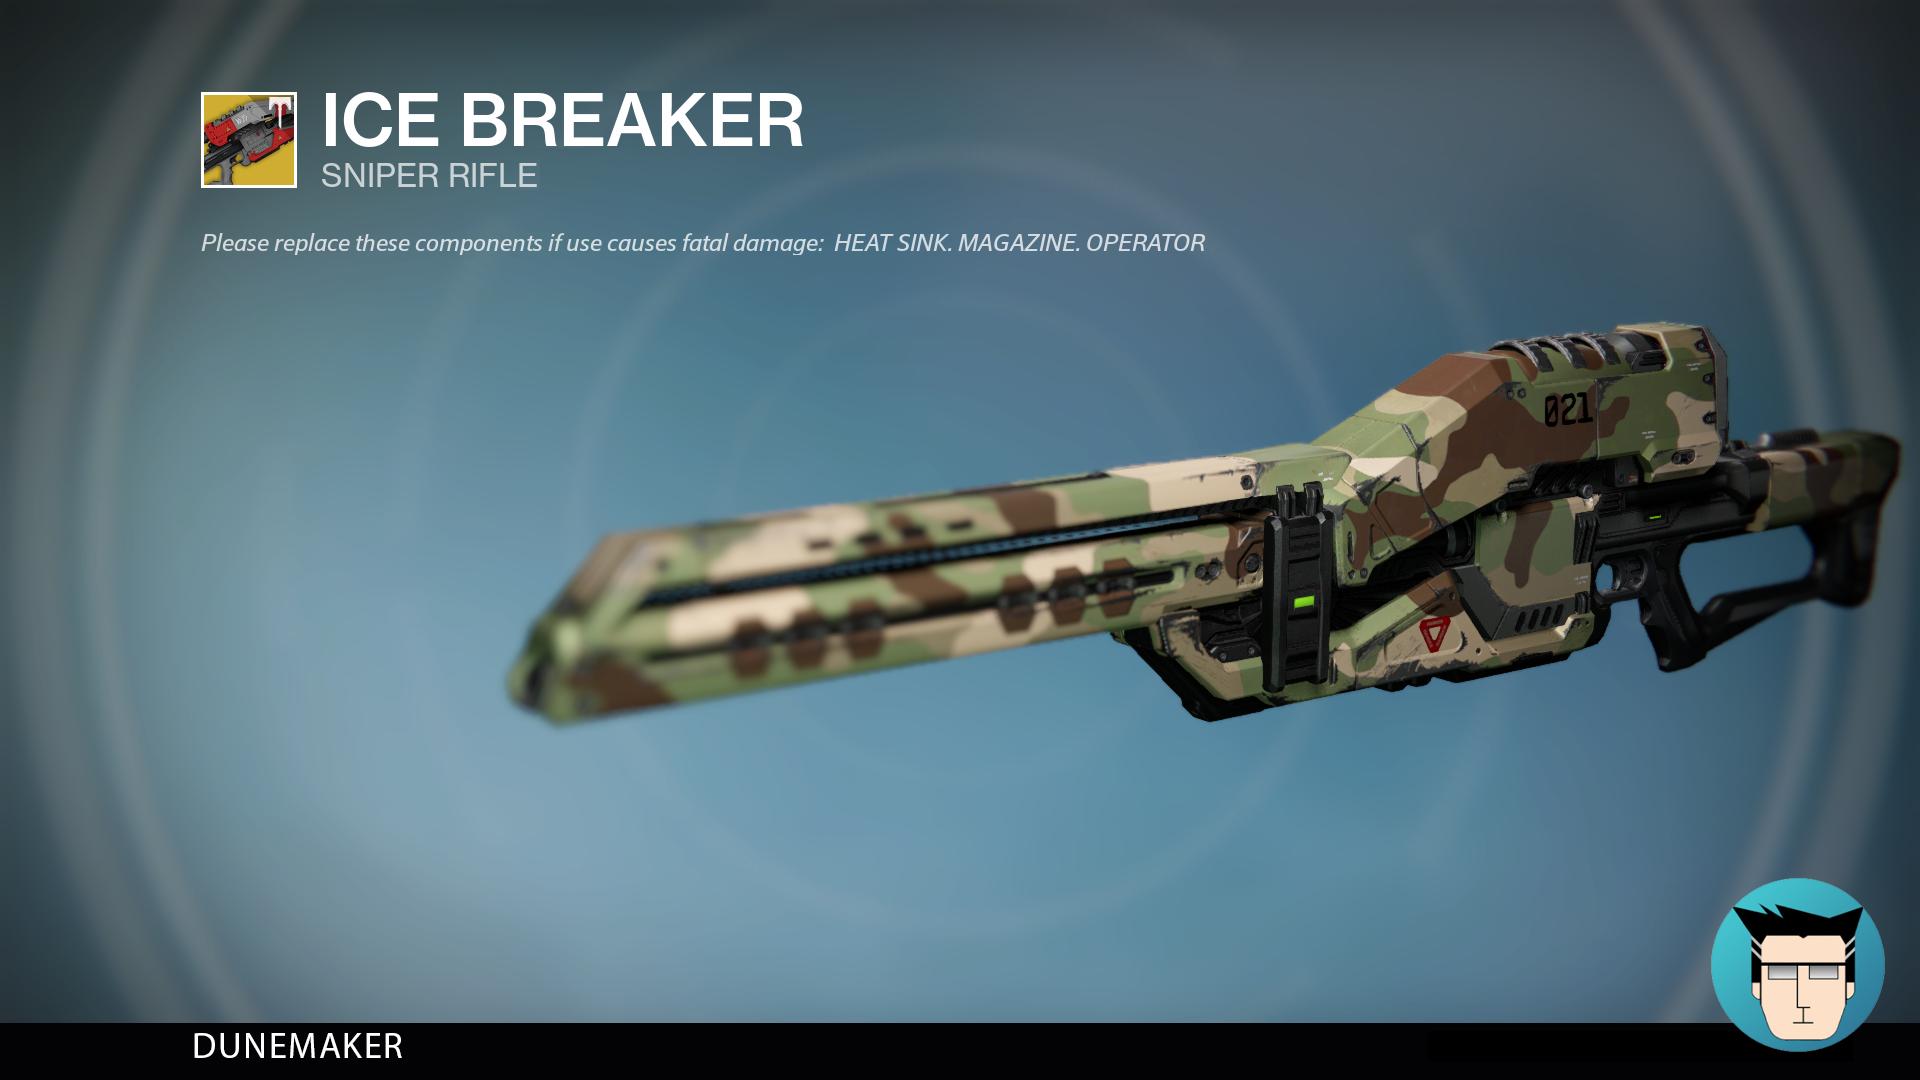 ICE BREAKER | DUNEMAKER